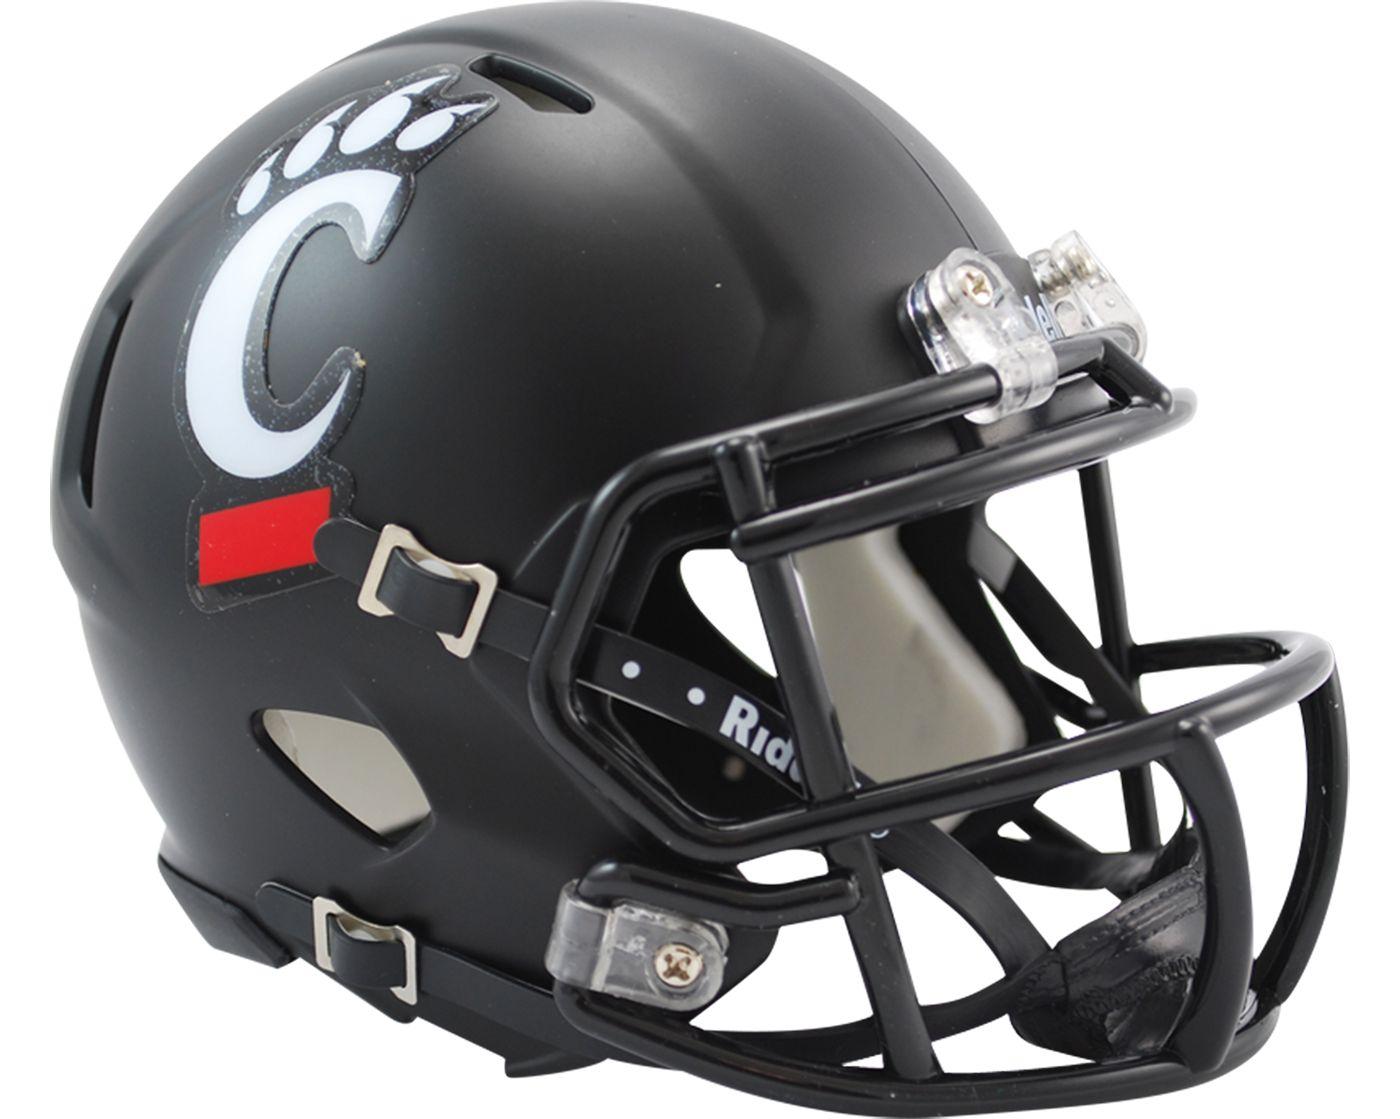 Riddell Cincinnati Bearcats Speed Mini Football Helmet